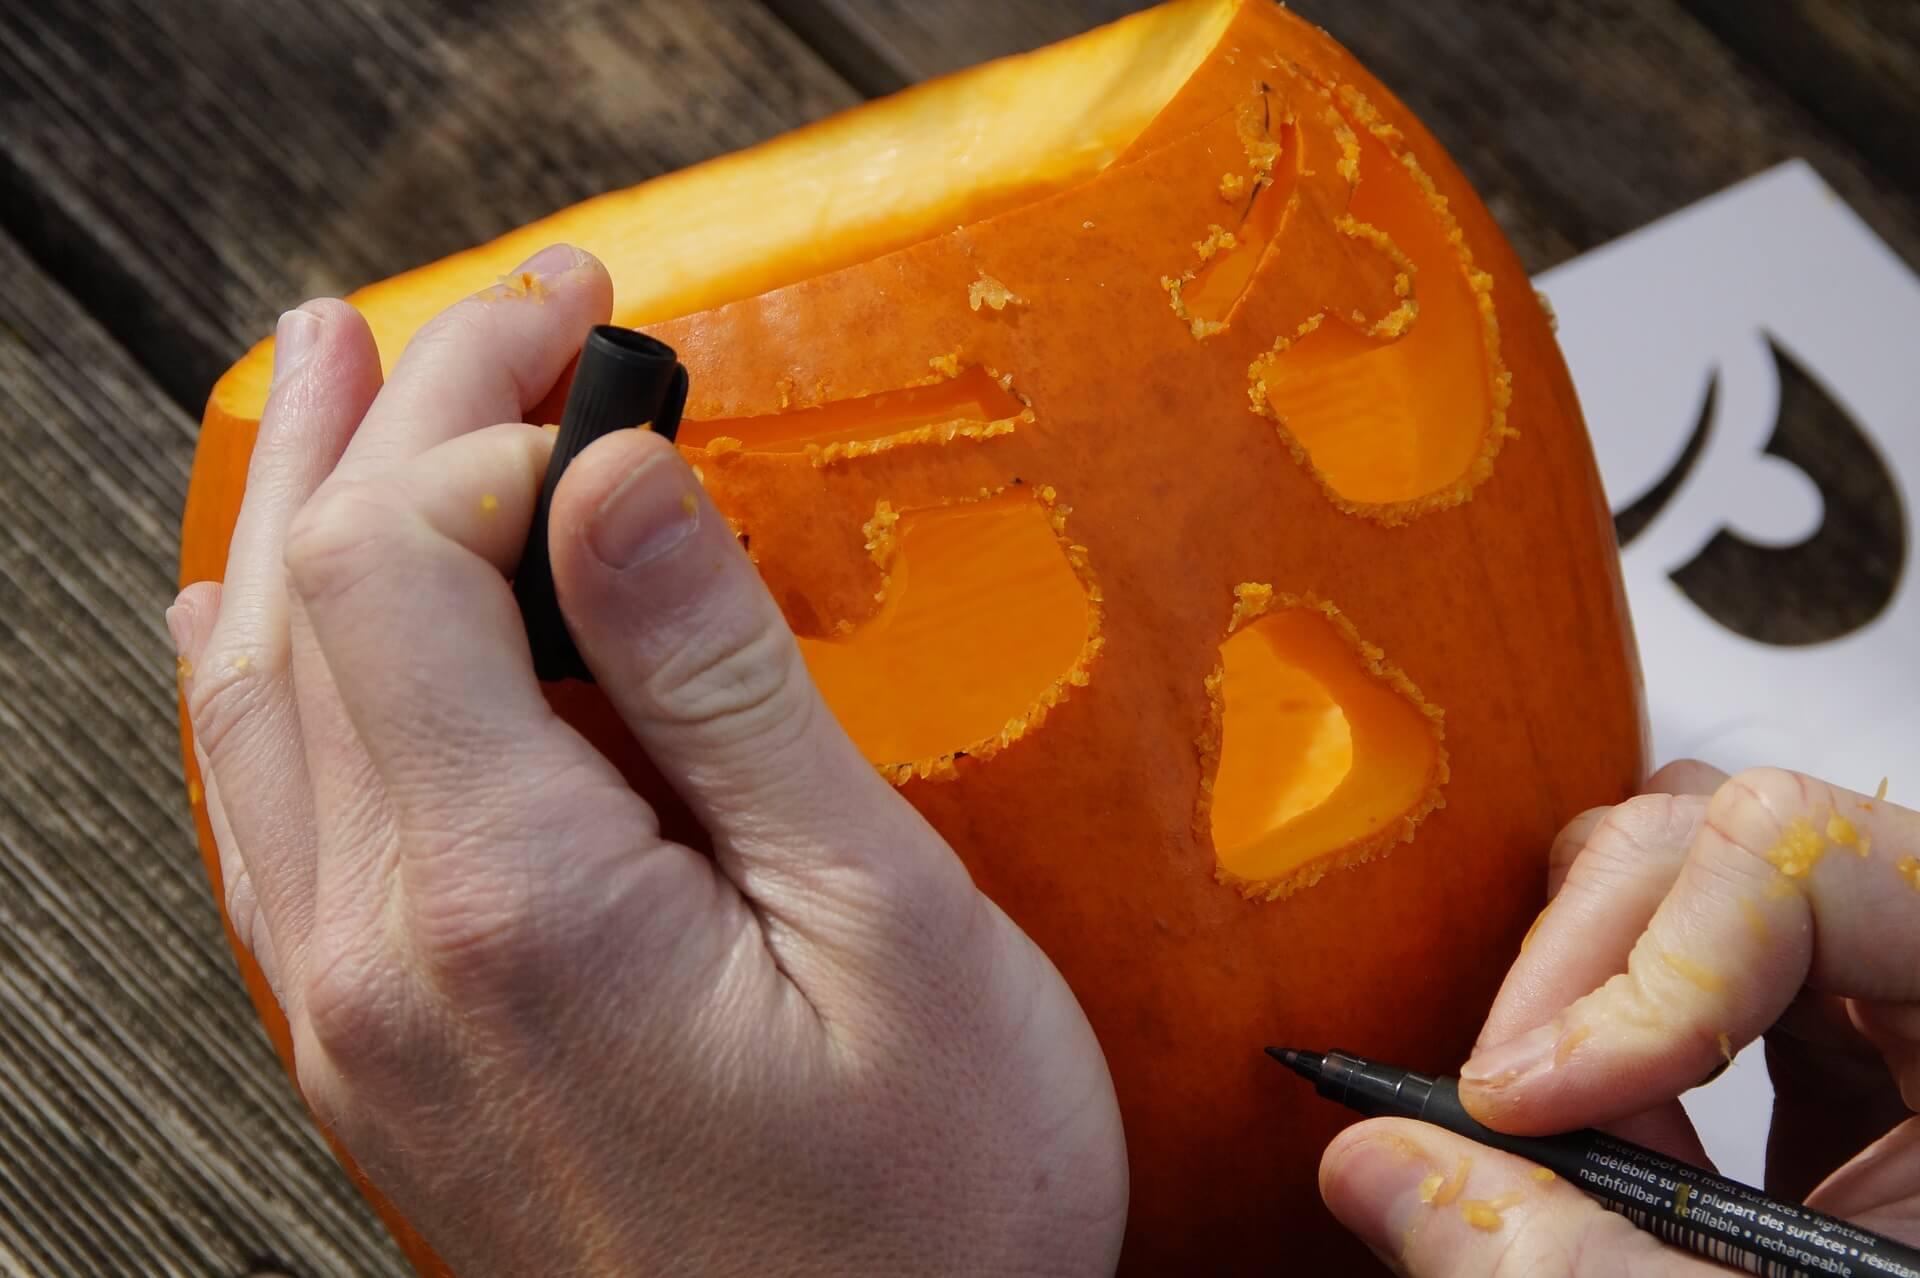 Halloween Activities for Seniors